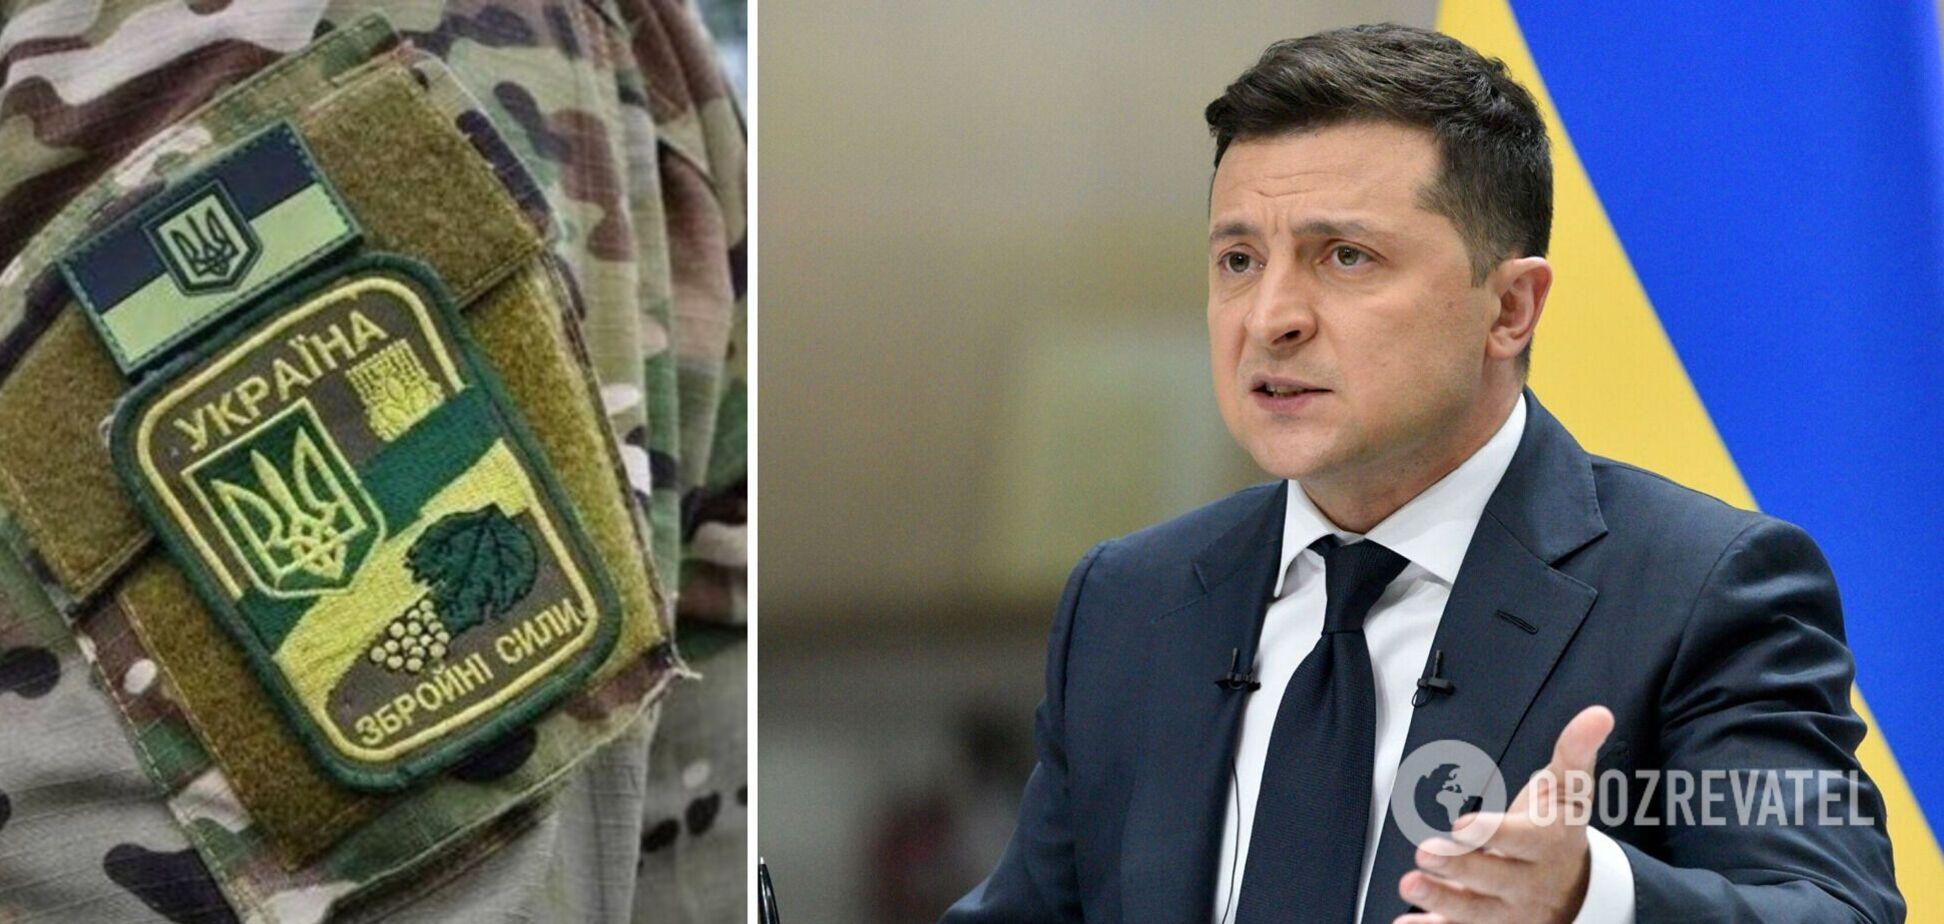 Зеленский пообещал помиловать осужденных ветеранов войны на Донбассе